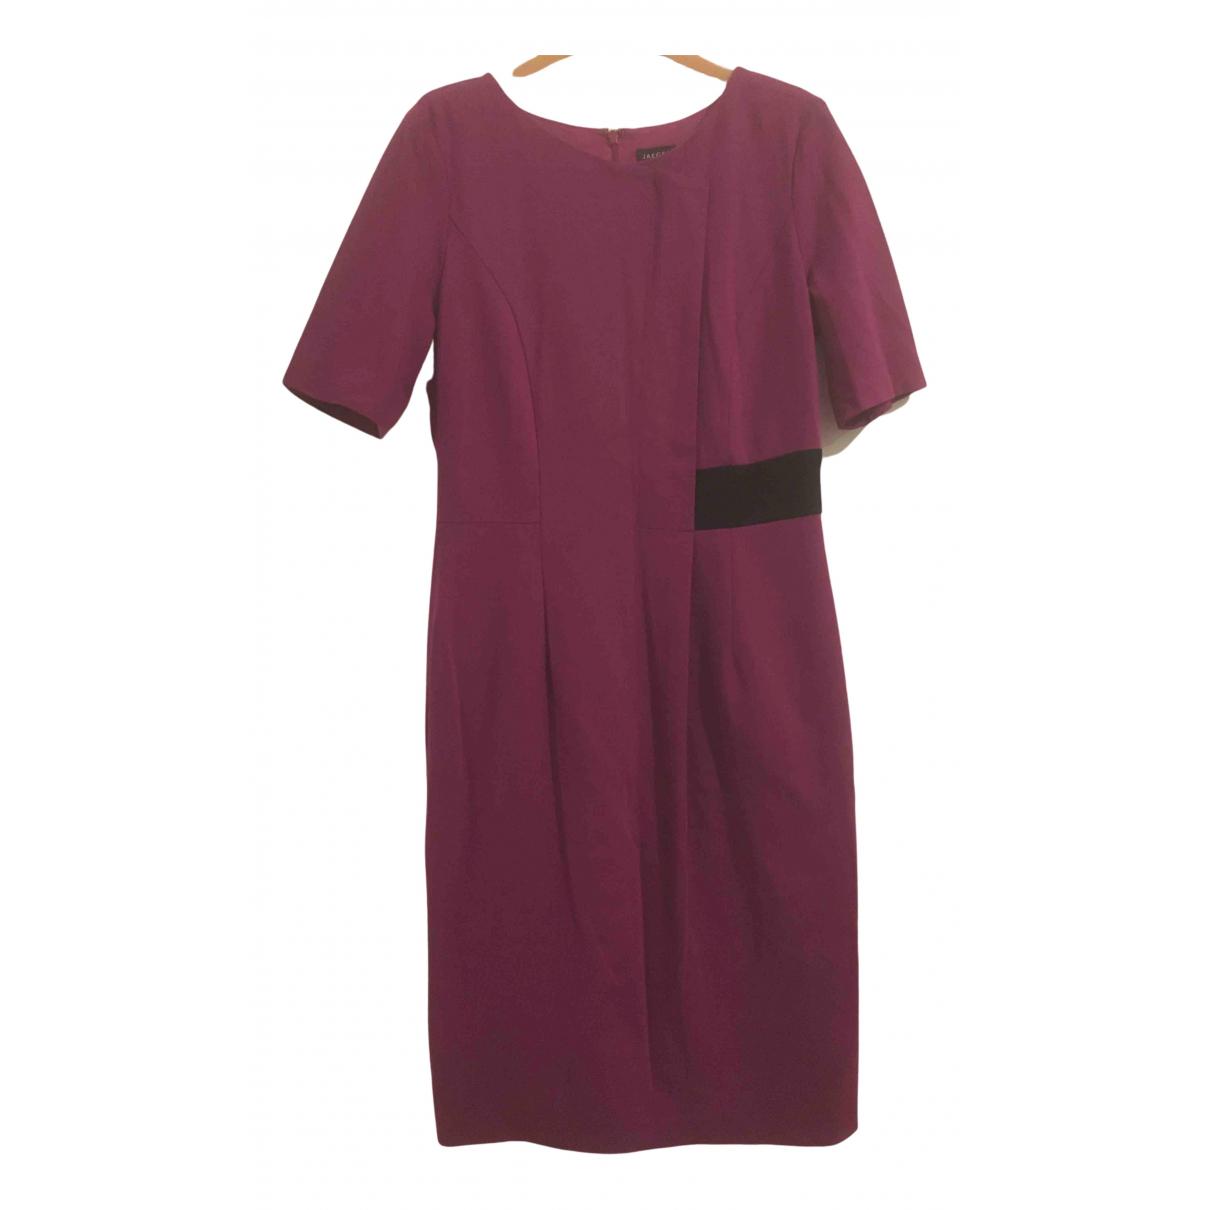 Jaeger \N Kleid in  Rosa Polyester